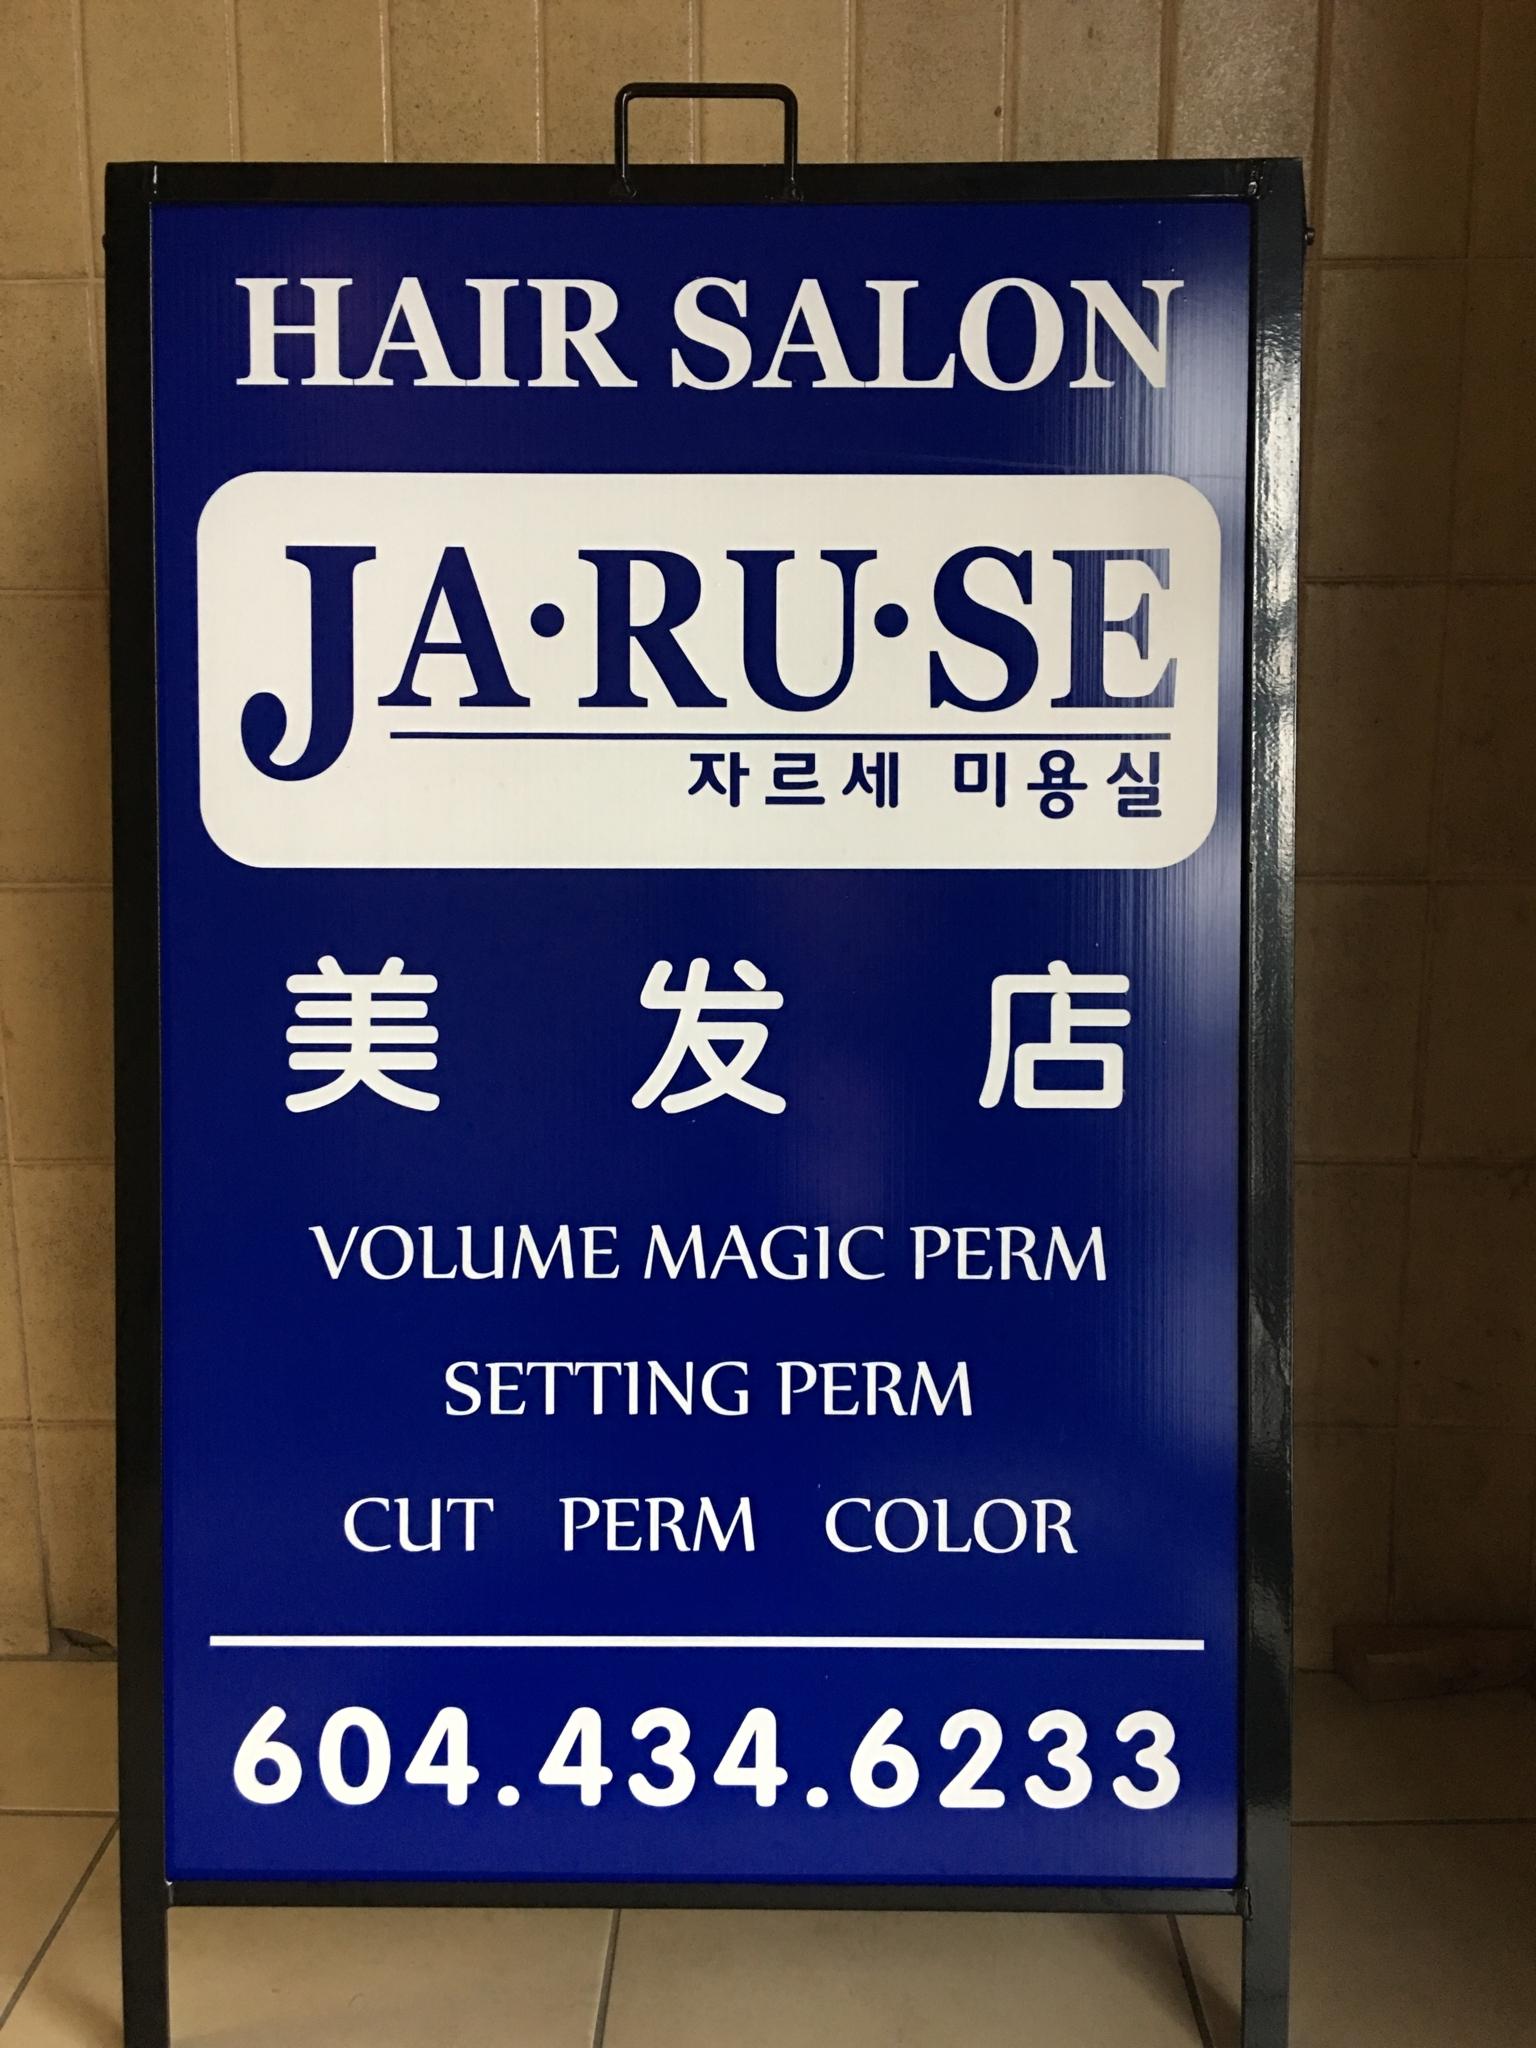 Jaruse hair salon horaire d 39 ouverture 140 5000 for Horaires bus ligne 29 arles salon